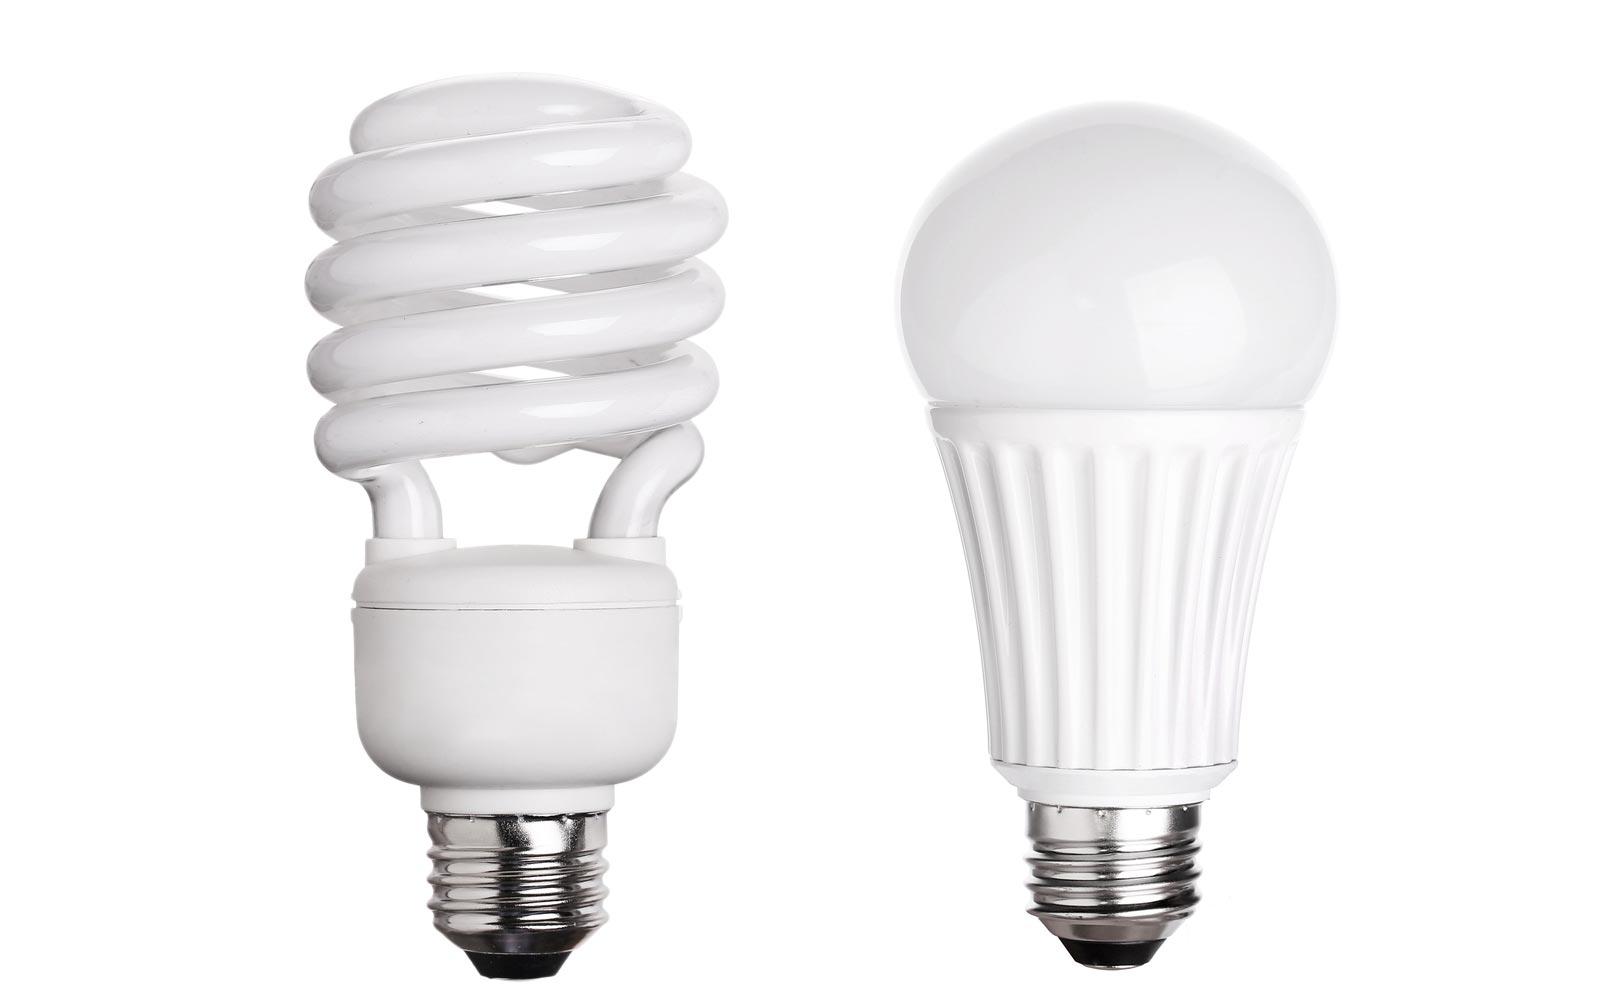 mini LED芯片扩产加速 晶元光电明年提升50%